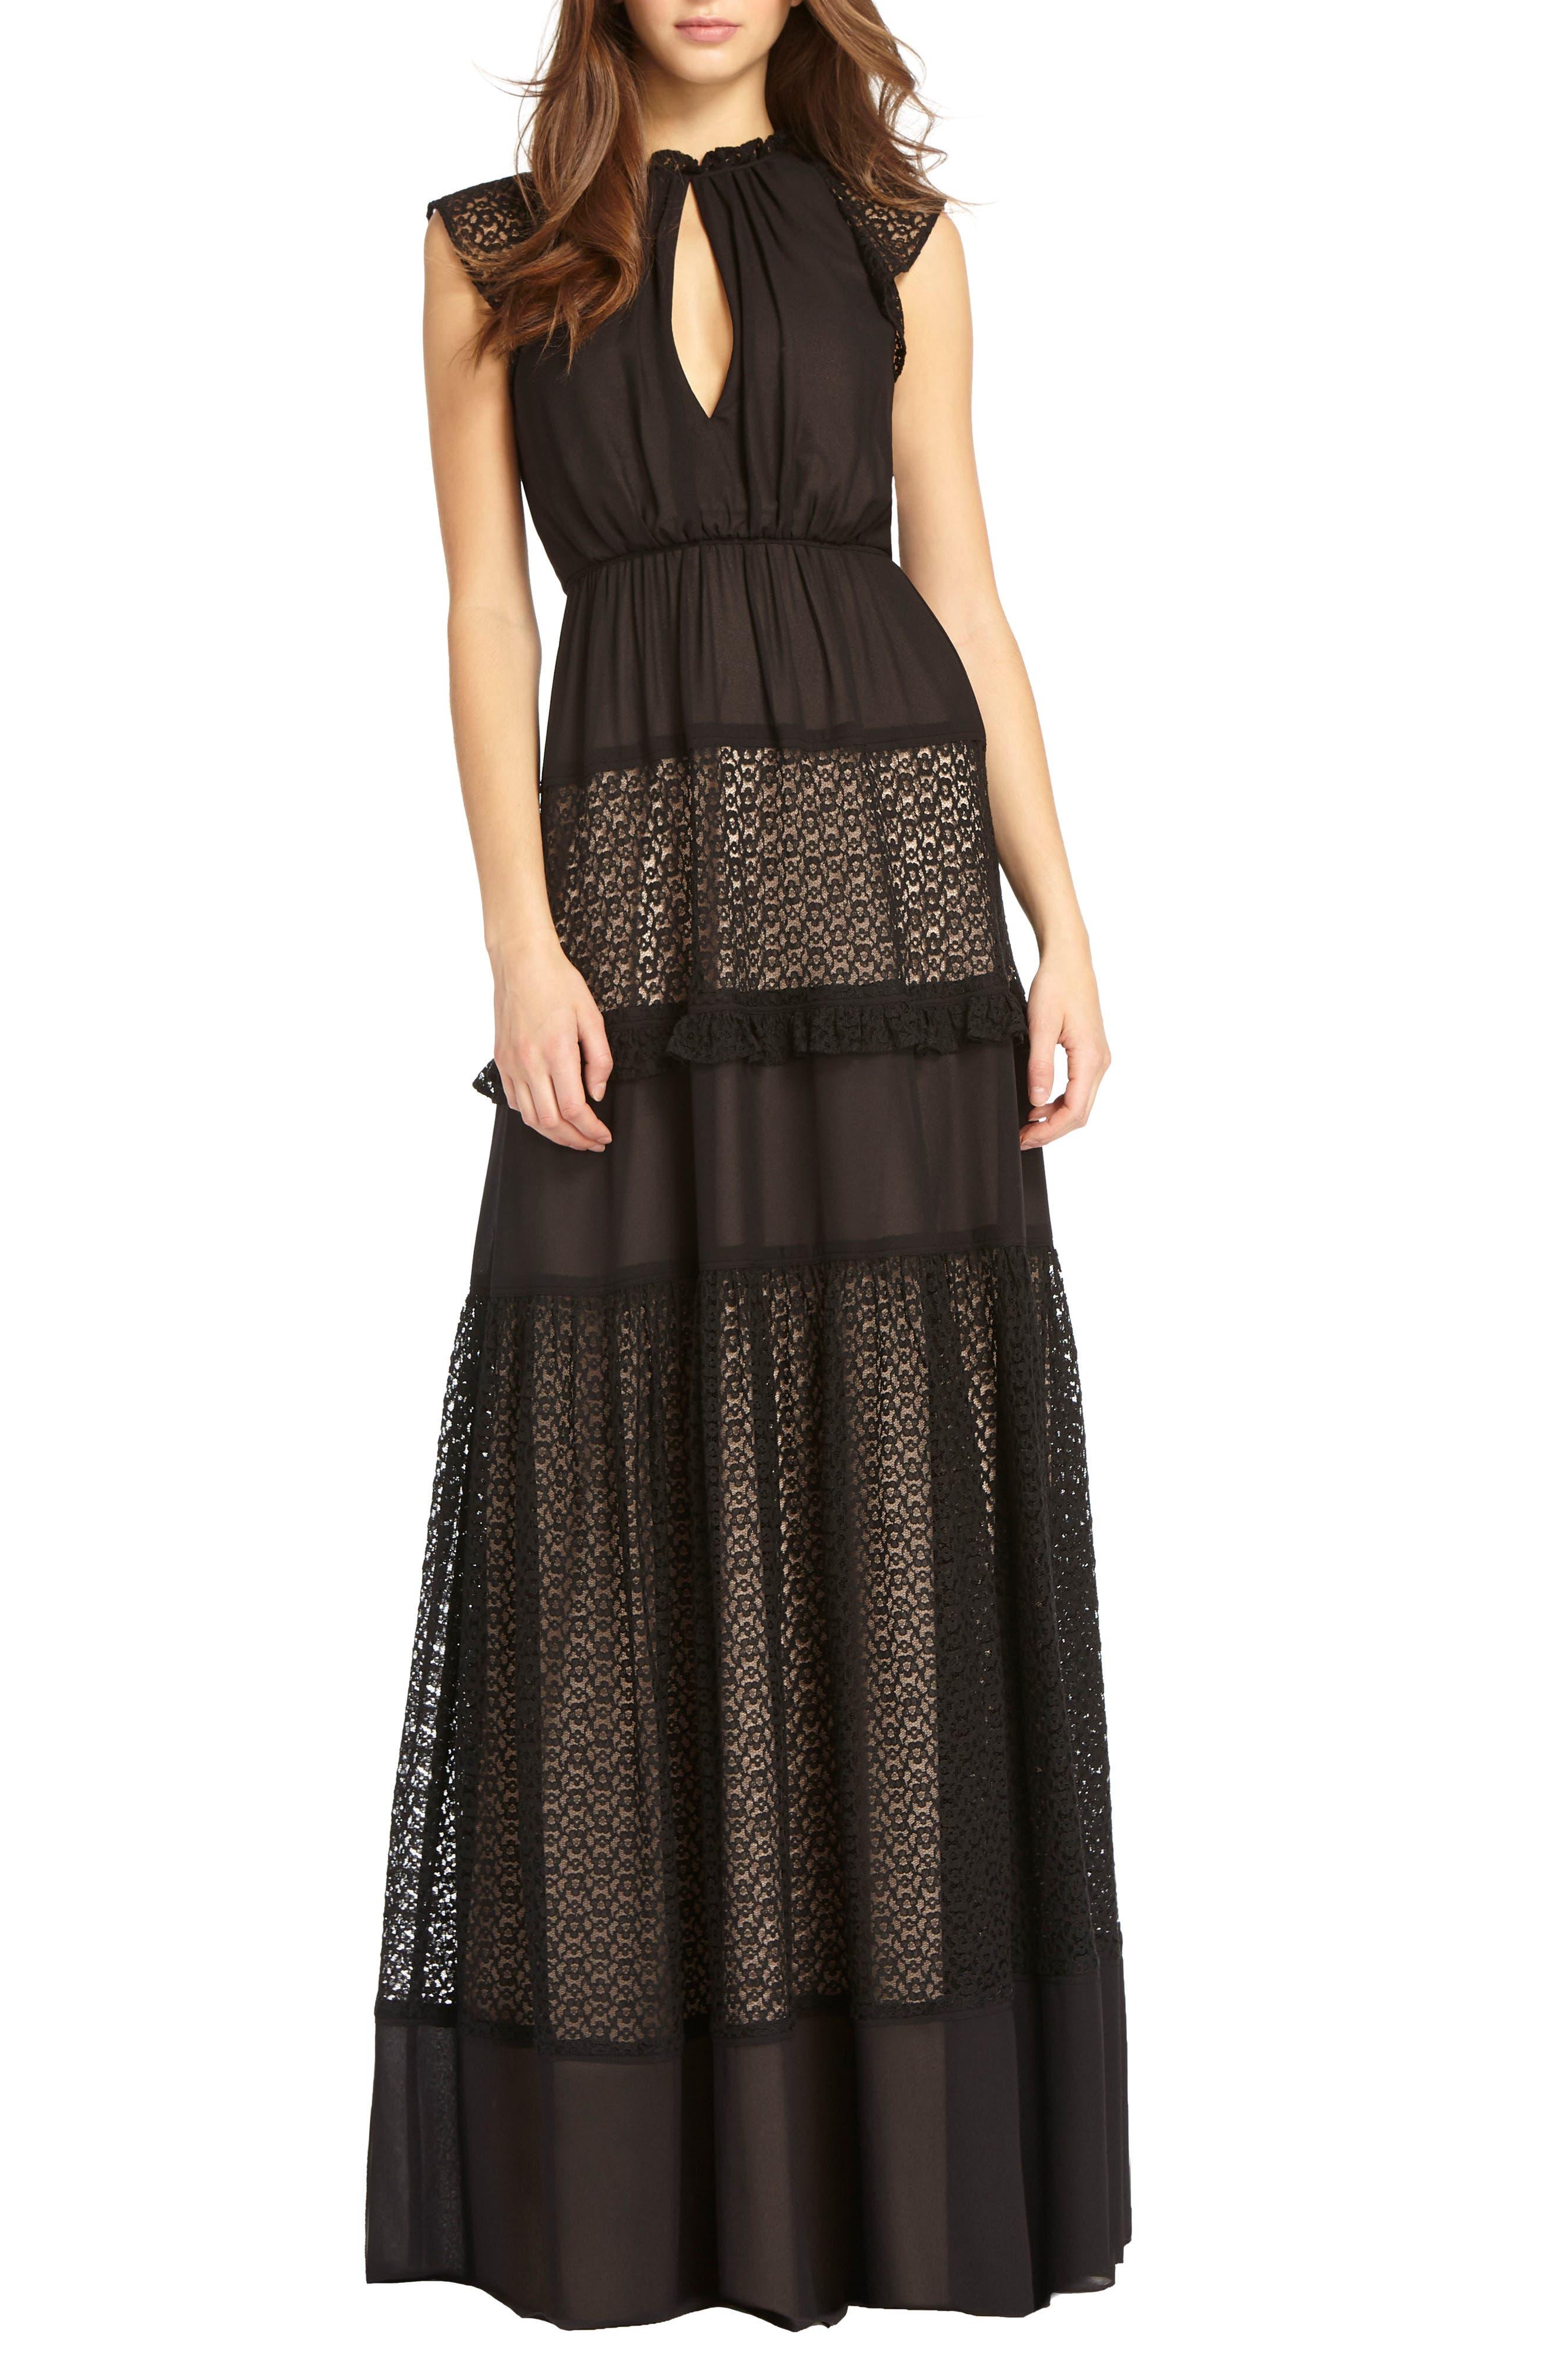 ML MONIQUE LHUILLIER, Lace Inset Gown, Main thumbnail 1, color, 001